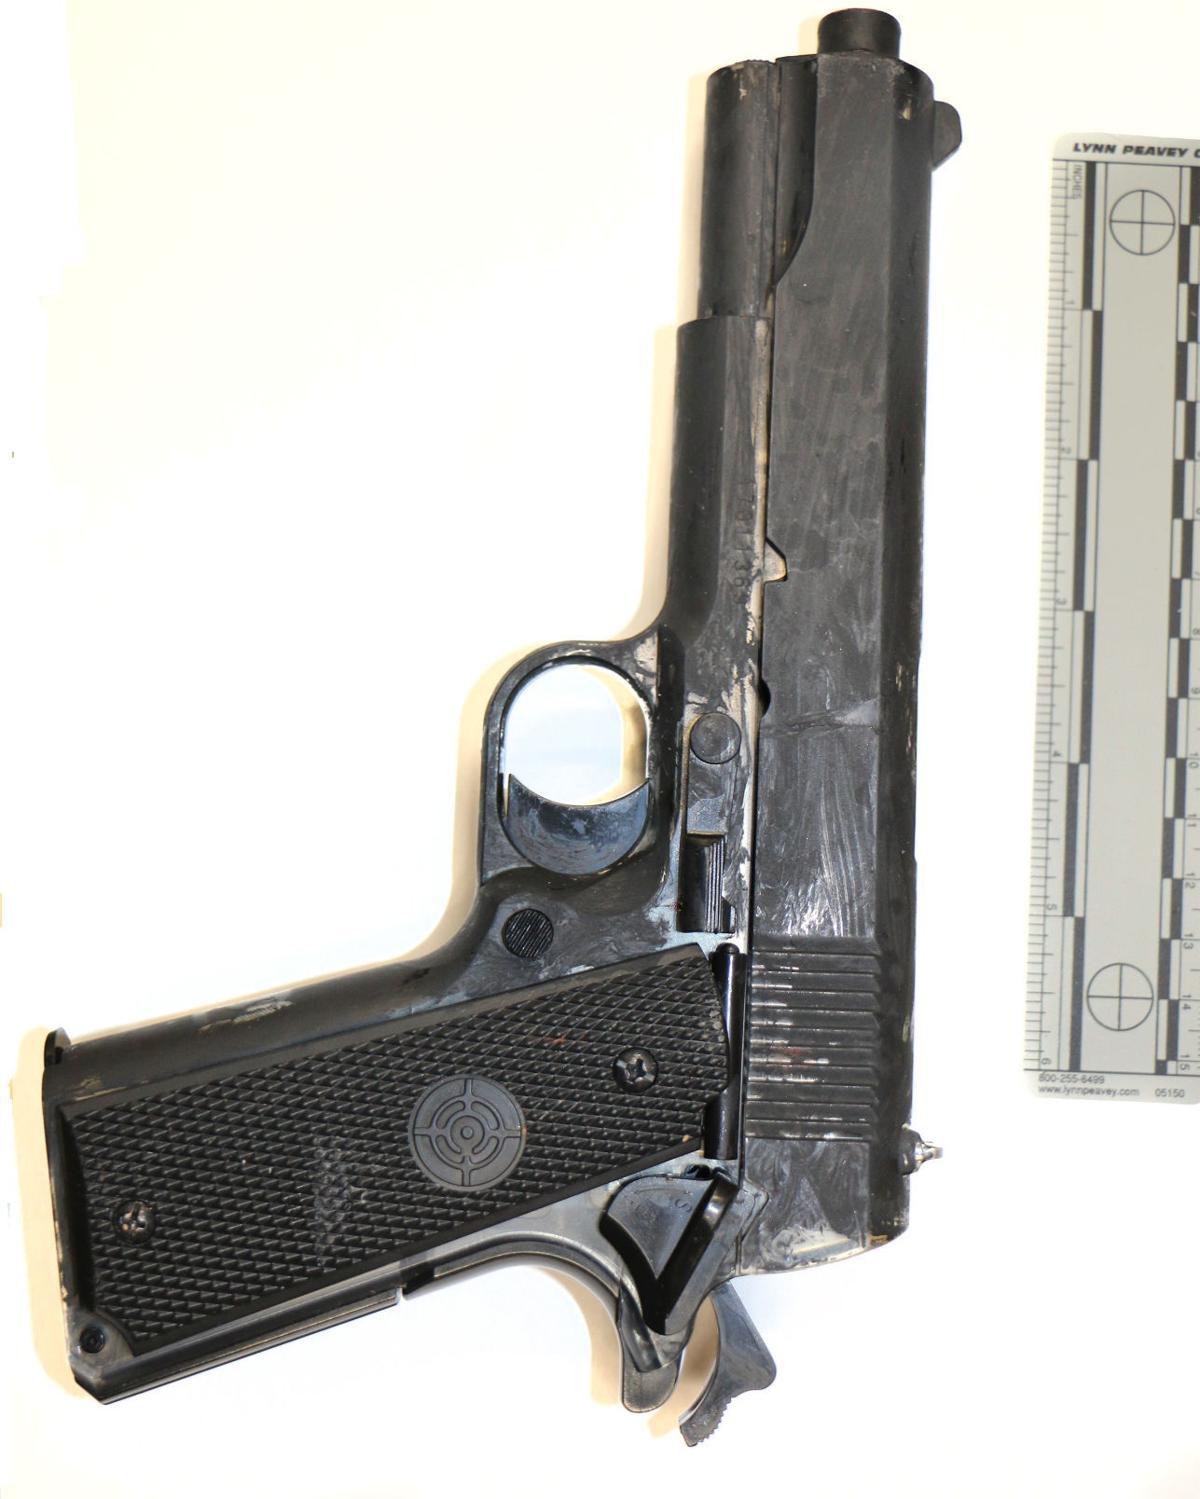 Home Depot gun